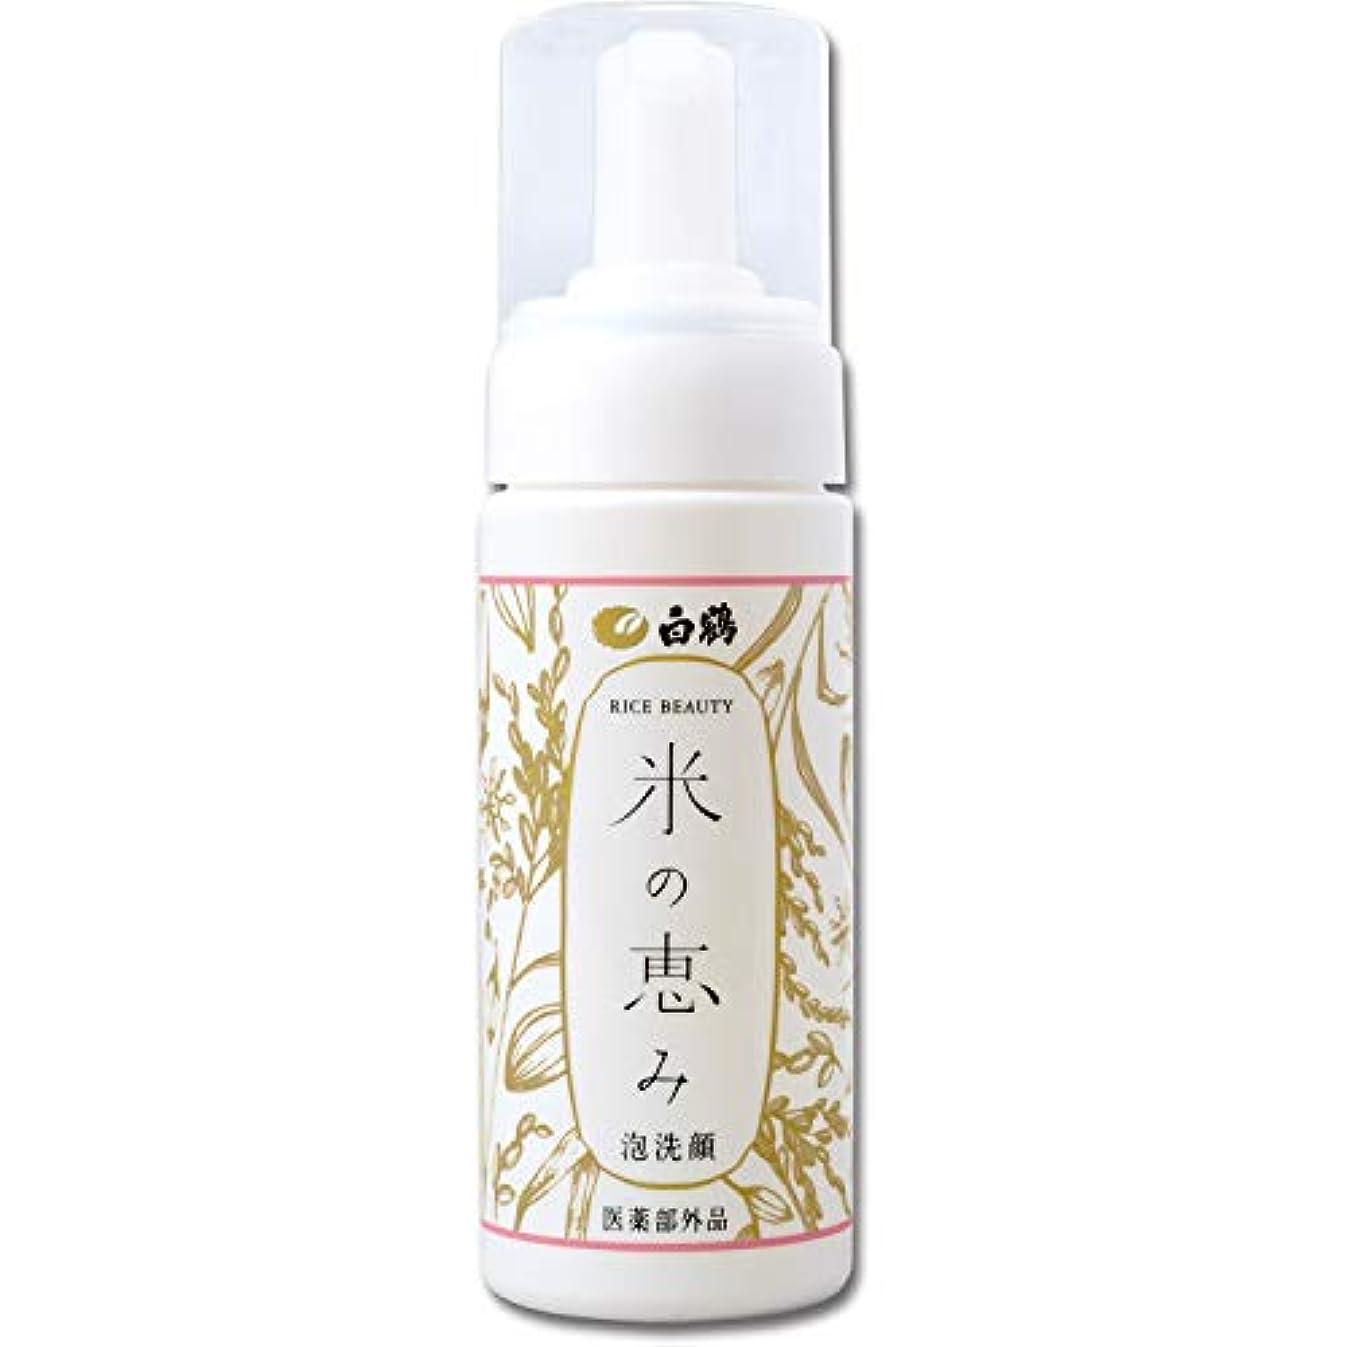 疫病排除ちっちゃい白鶴 ライスビューティー 米の恵み 泡洗顔 150ml (医薬部外品)